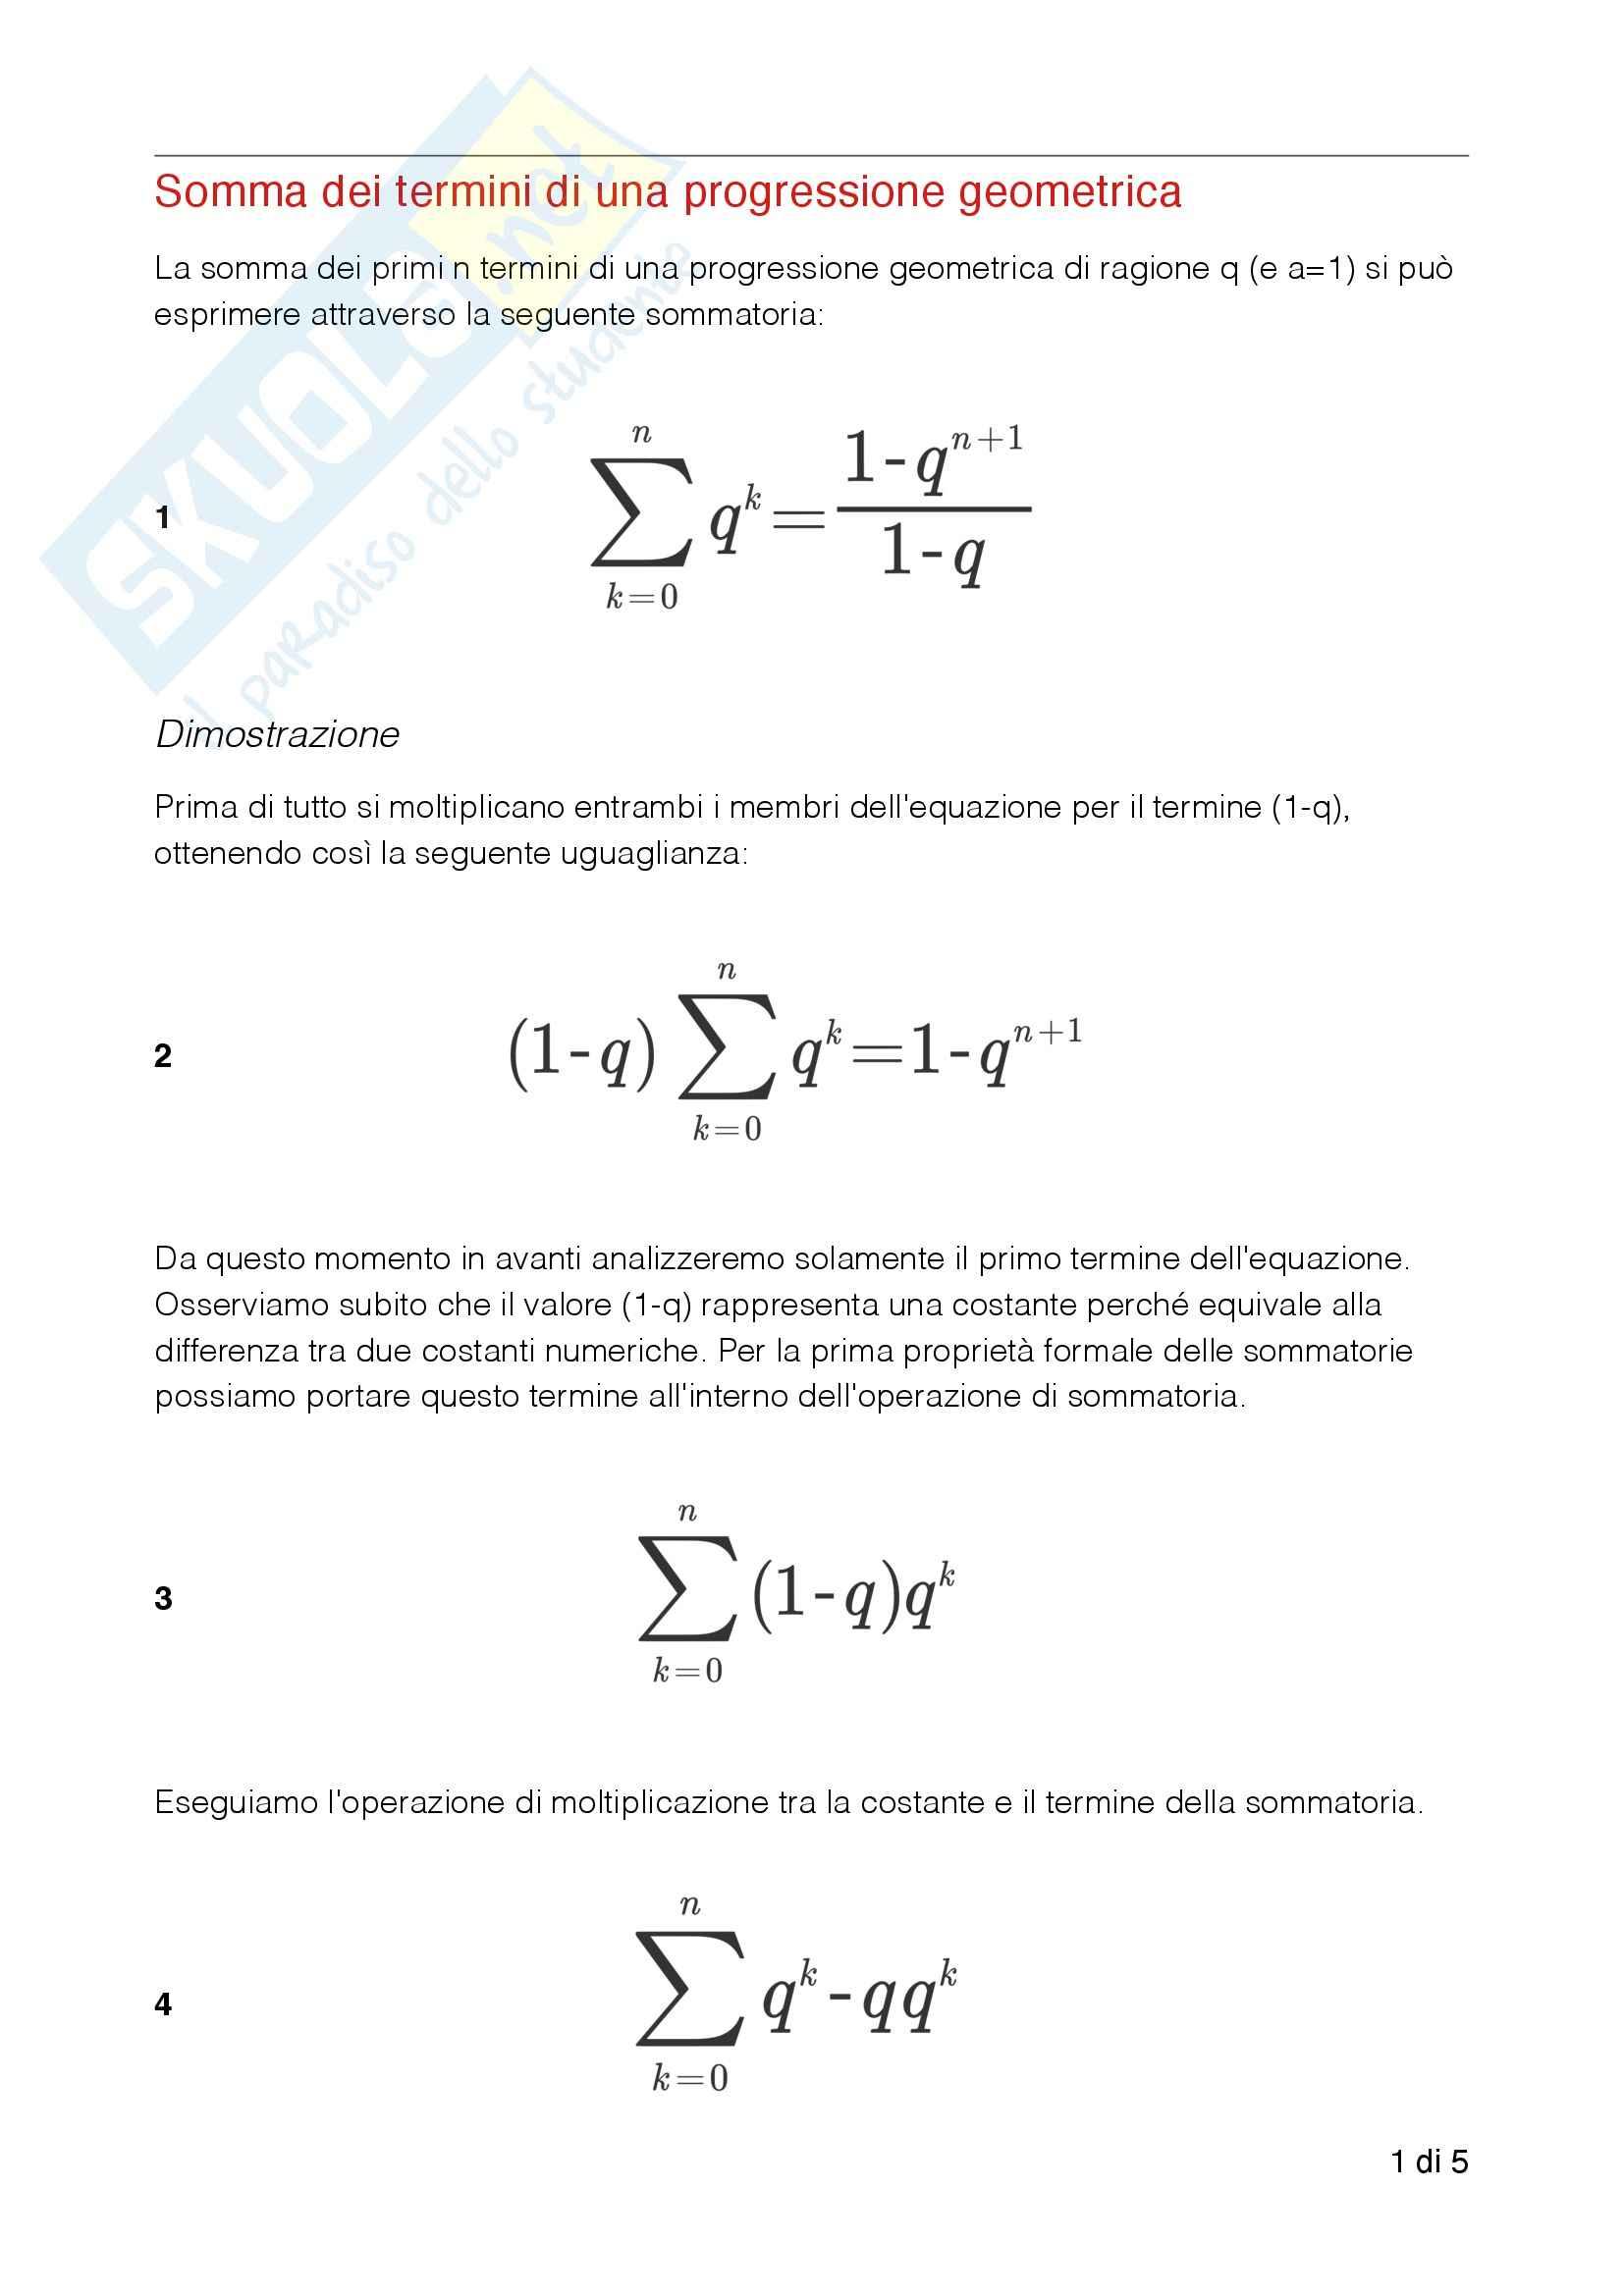 Somma termini Progressione Geometrica, Analisi matematica I